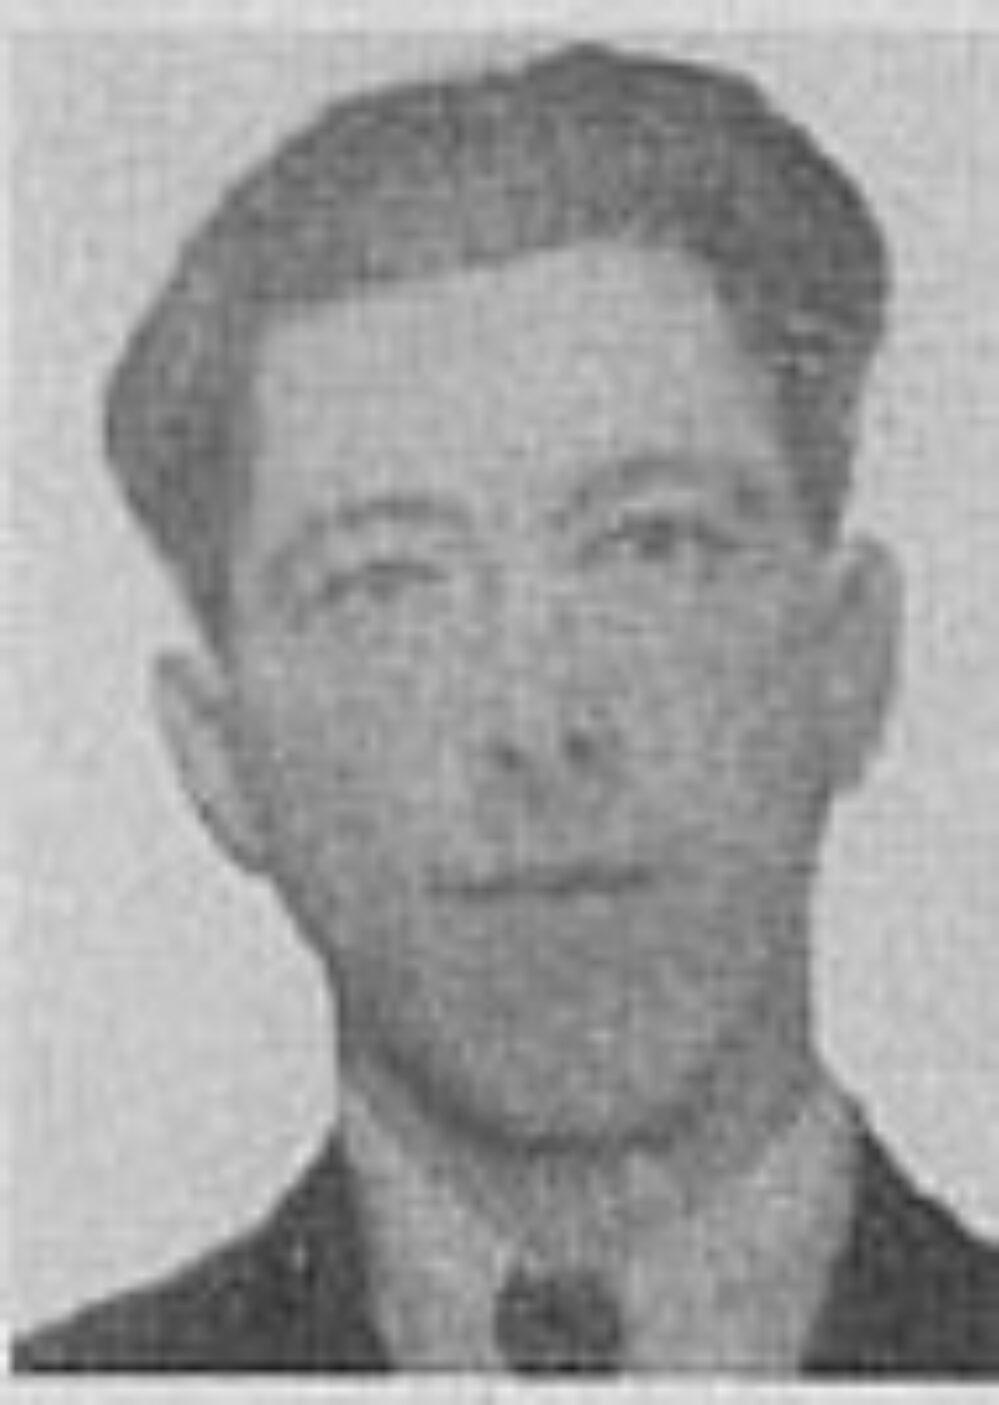 Mikal Antonius Sivertsen